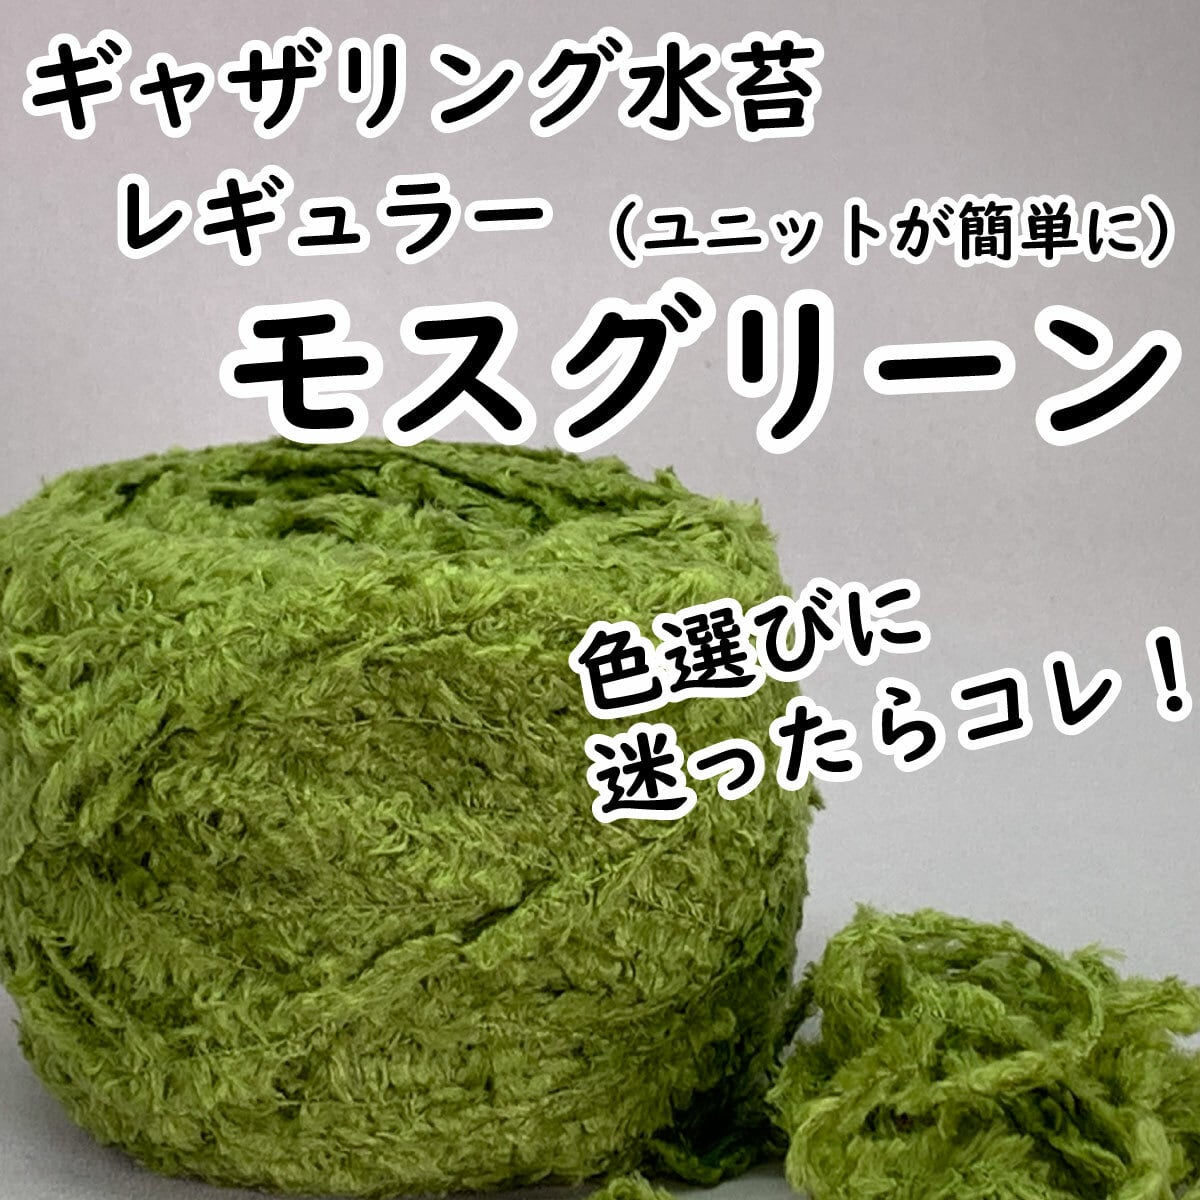 【ギャザリング水苔レギュラー】10色からお選びください - 画像1